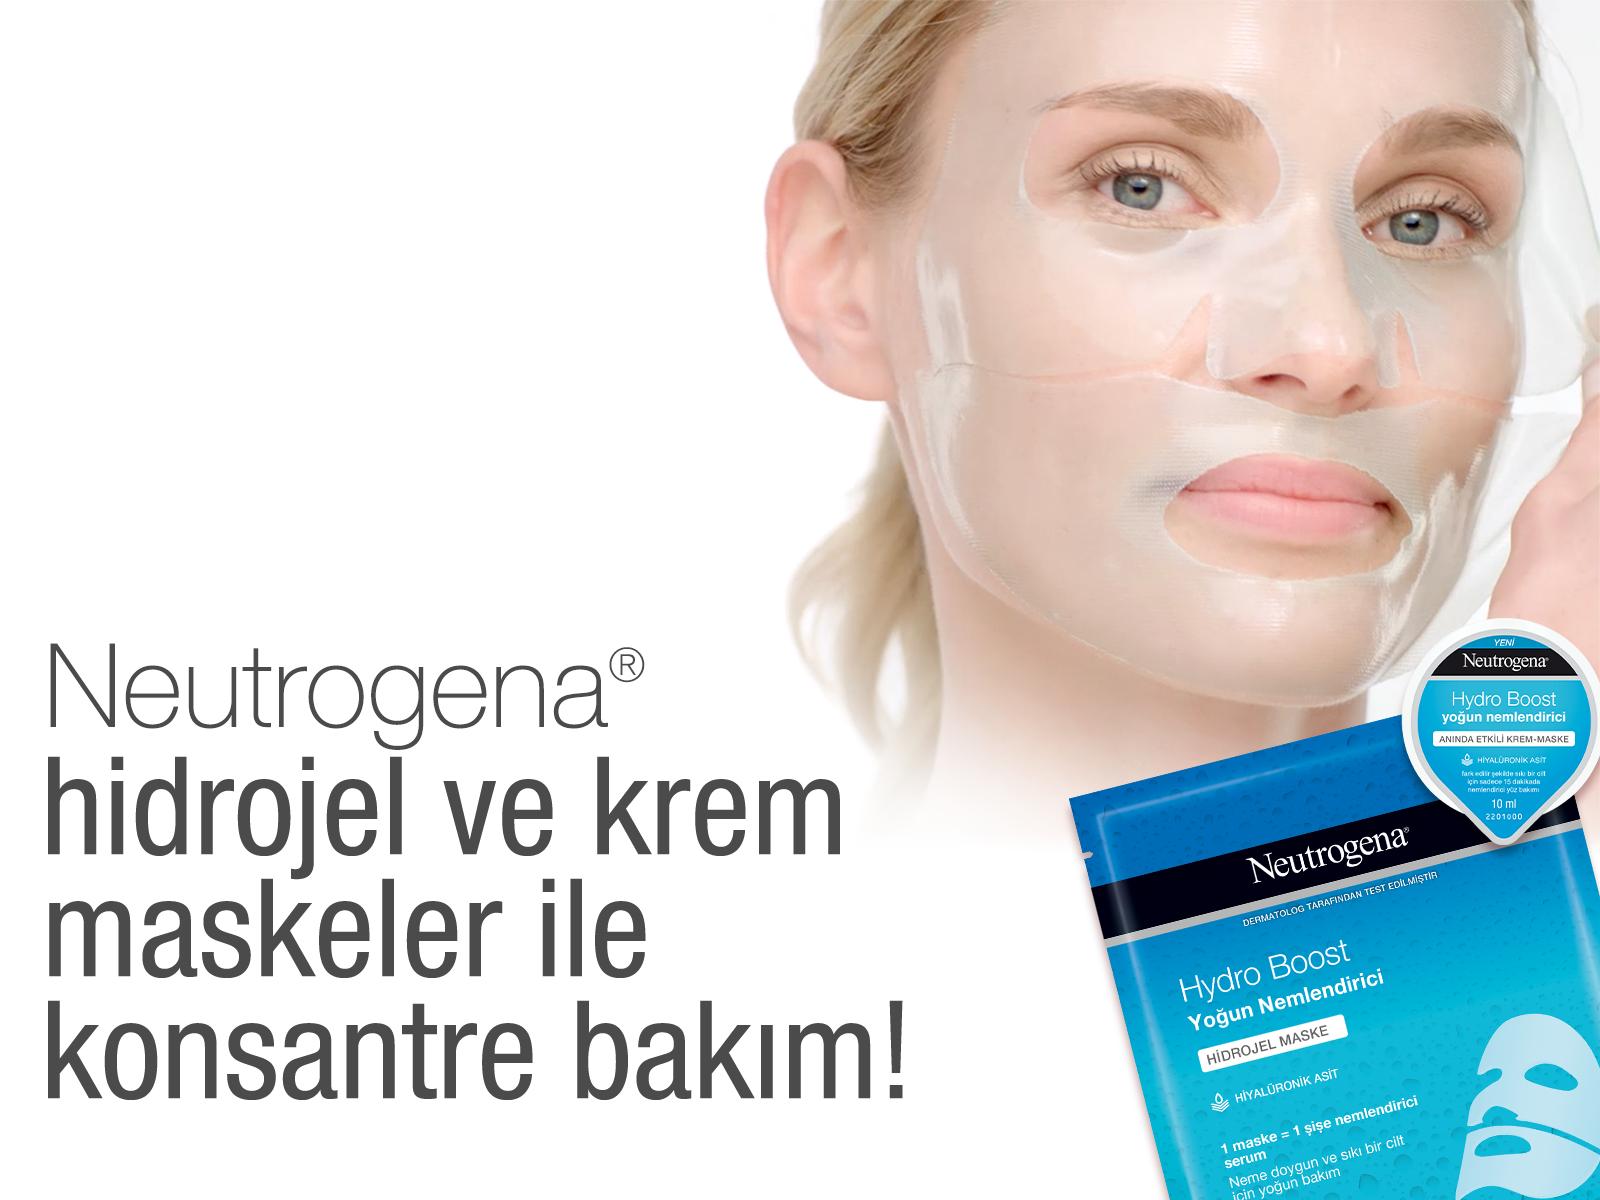 Hidrojel maskelerin kalbini çalan özelliğini yaz; hediyeyi kazan! Yeni, havalı ve pratik hidrojel maskeleri denemeye hazır mısın?